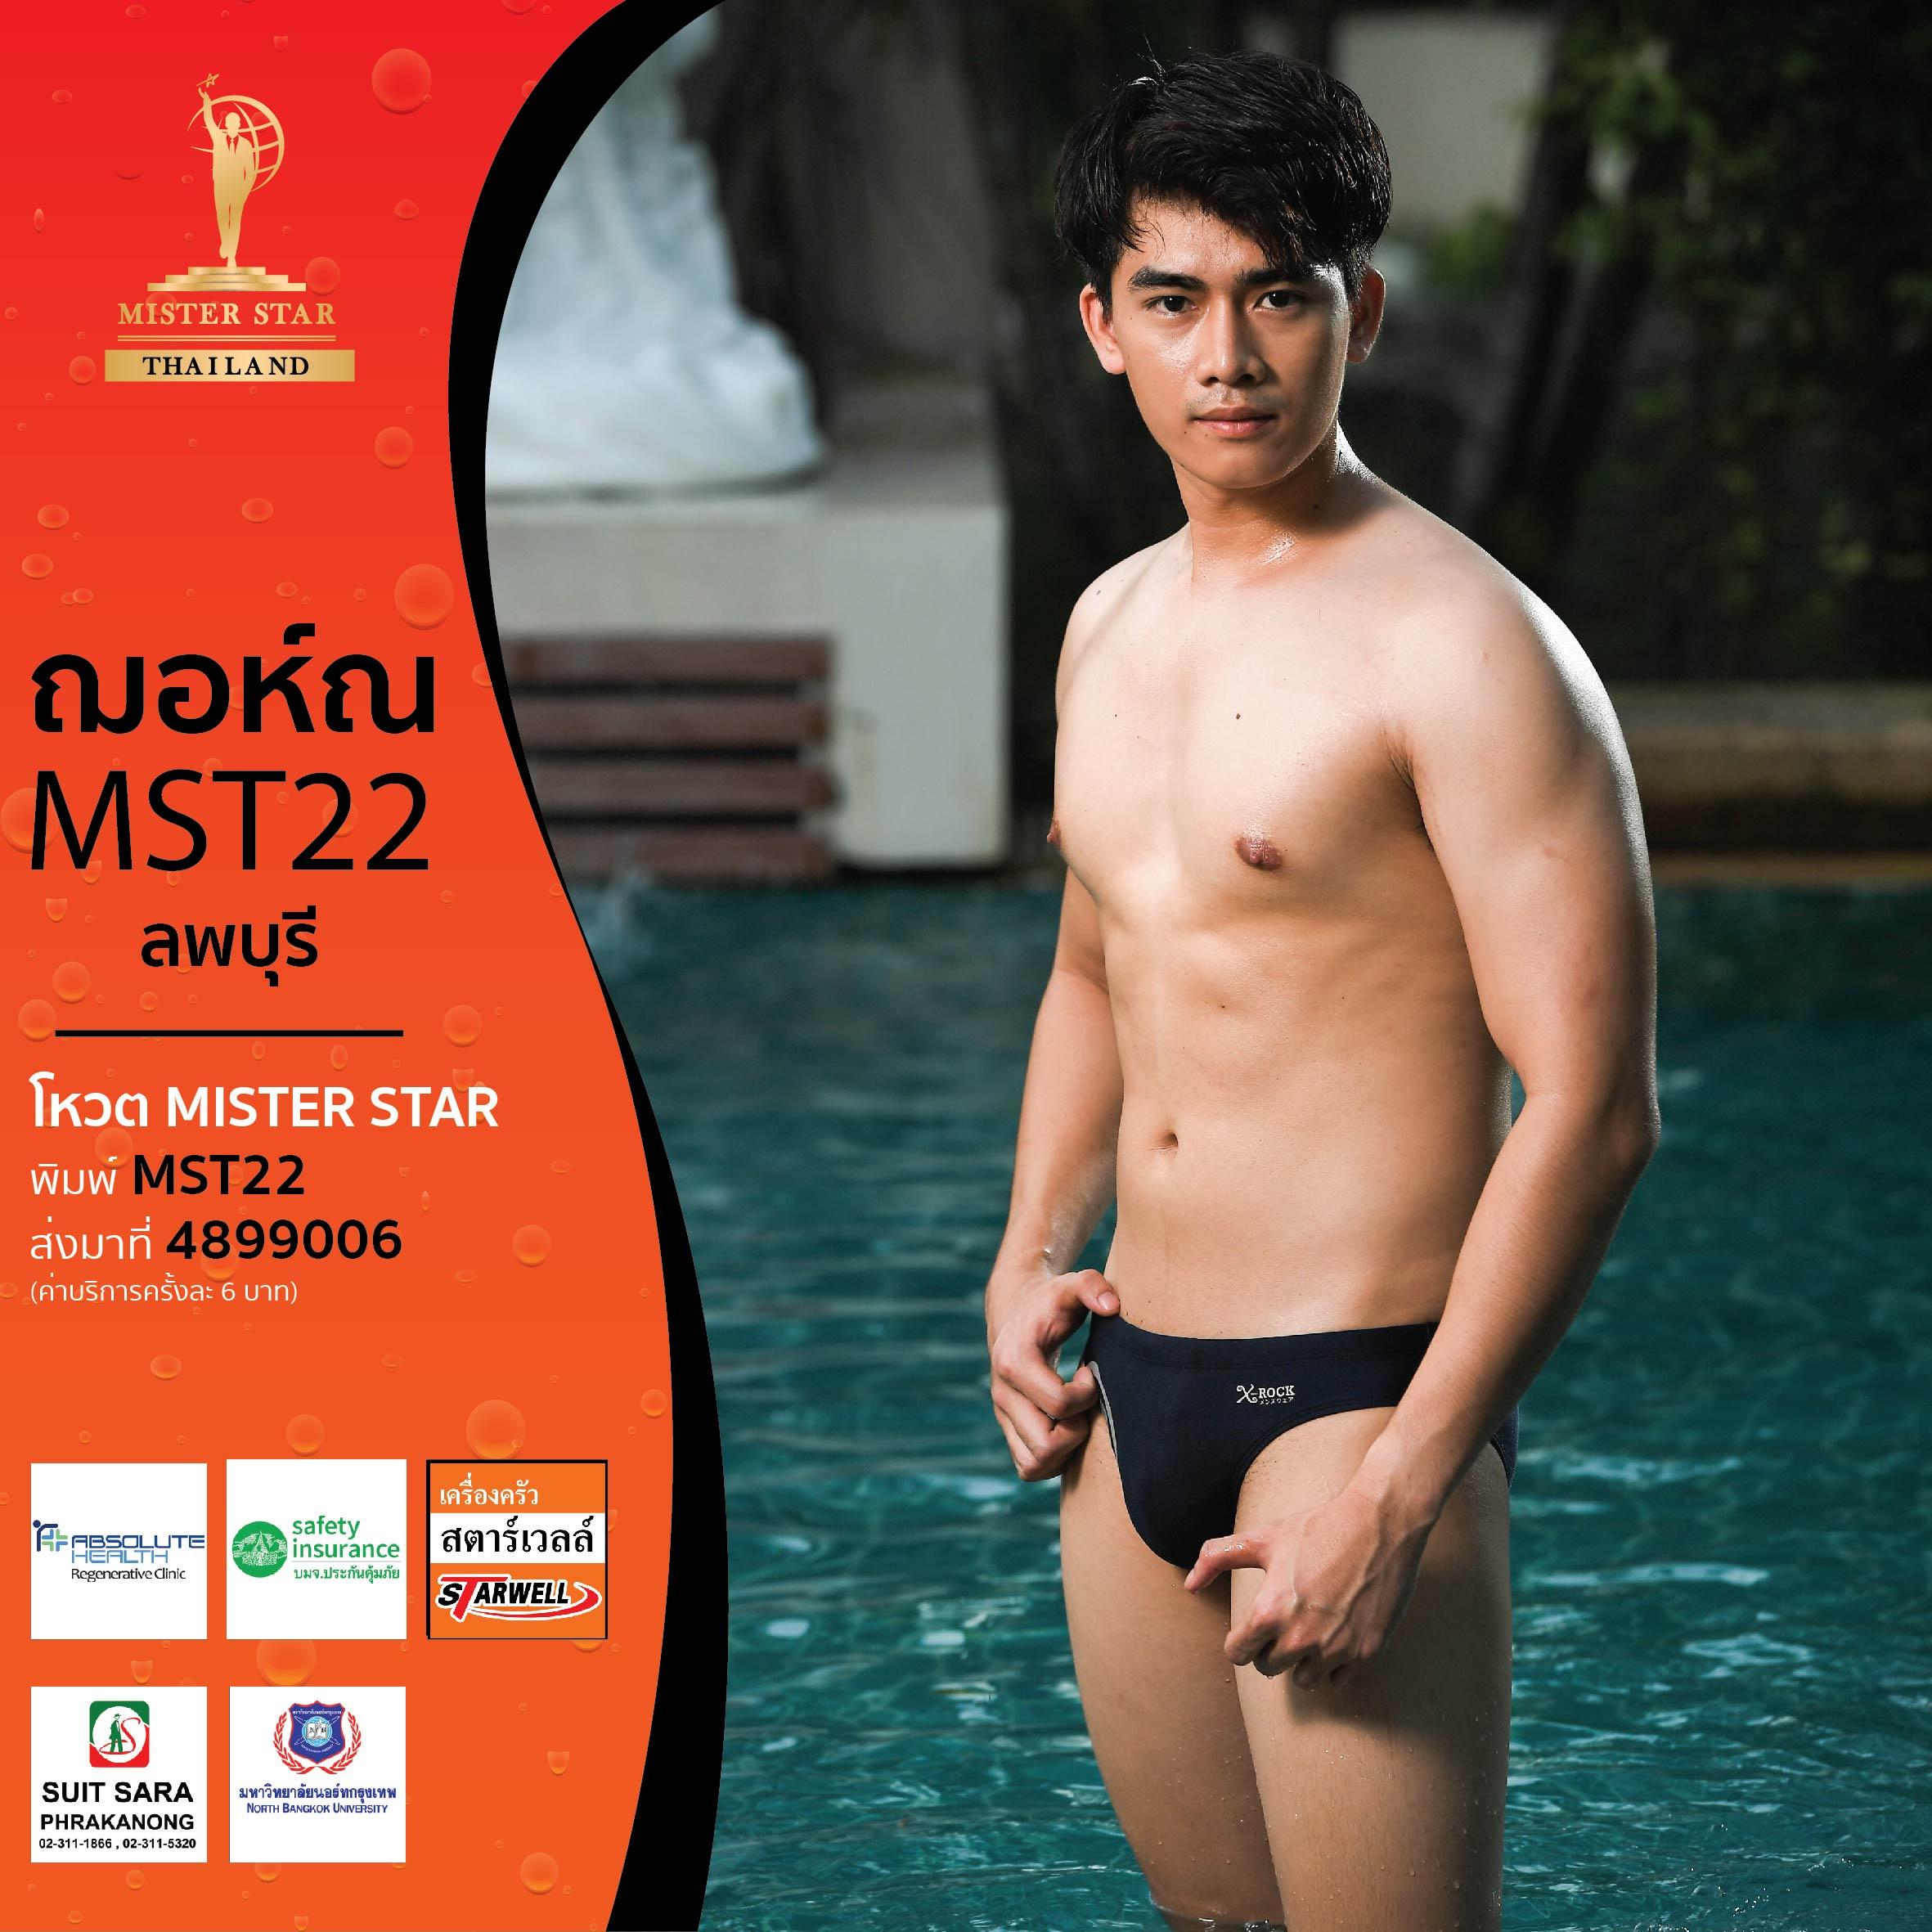 ชุดว่ายน้ำ21-30-02